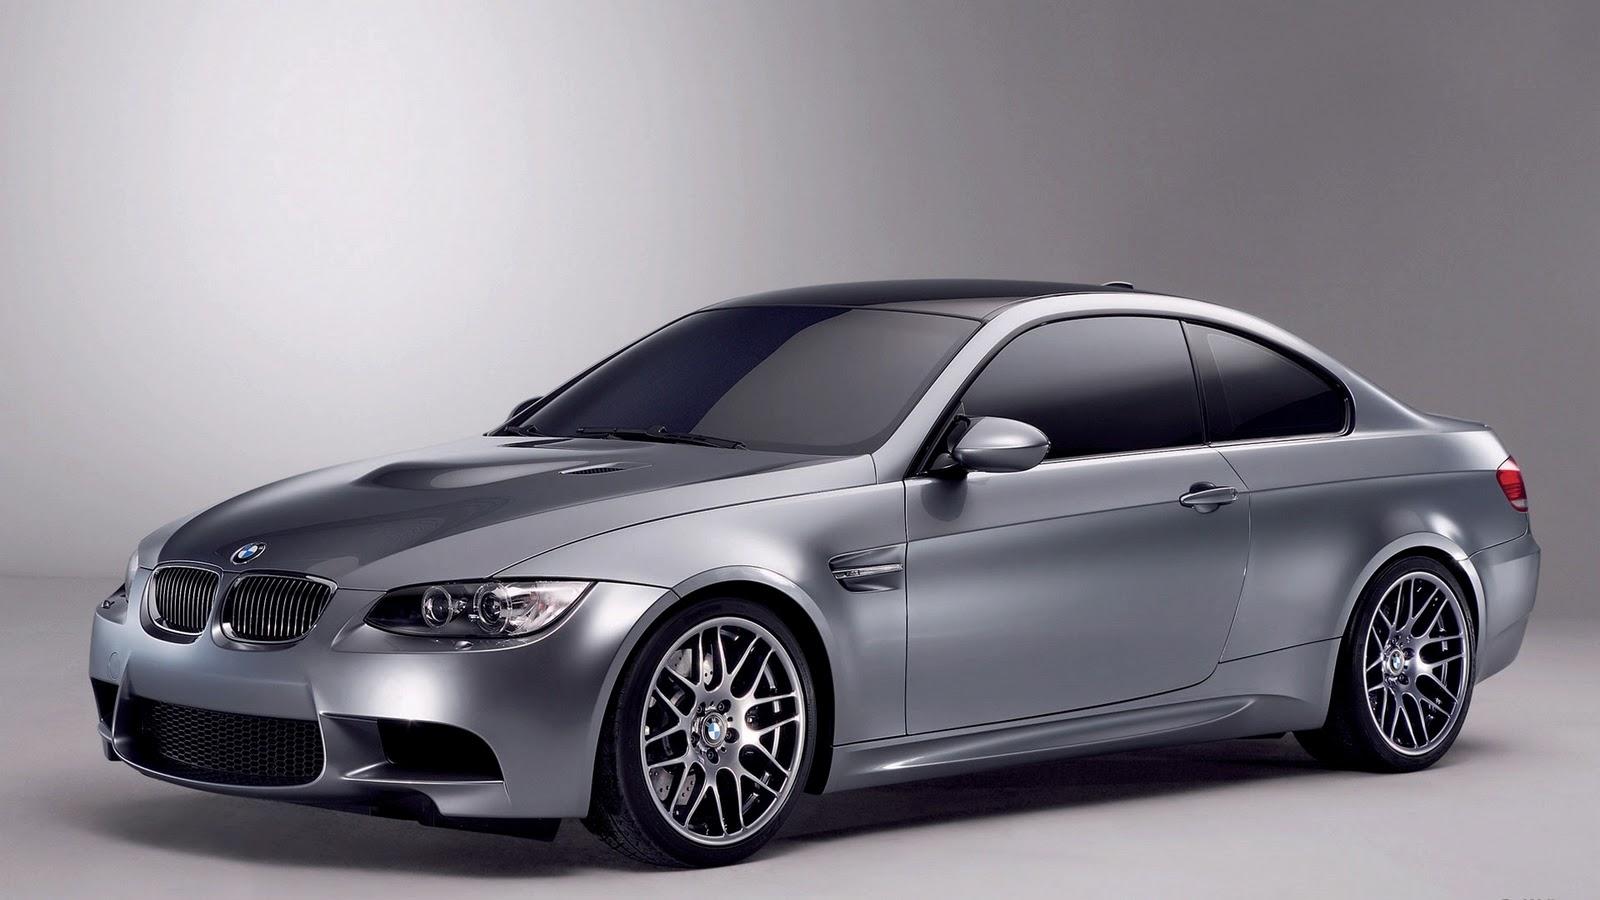 BMW grey series 3 plain view wallpaper HD ~ The Wallpaper ...